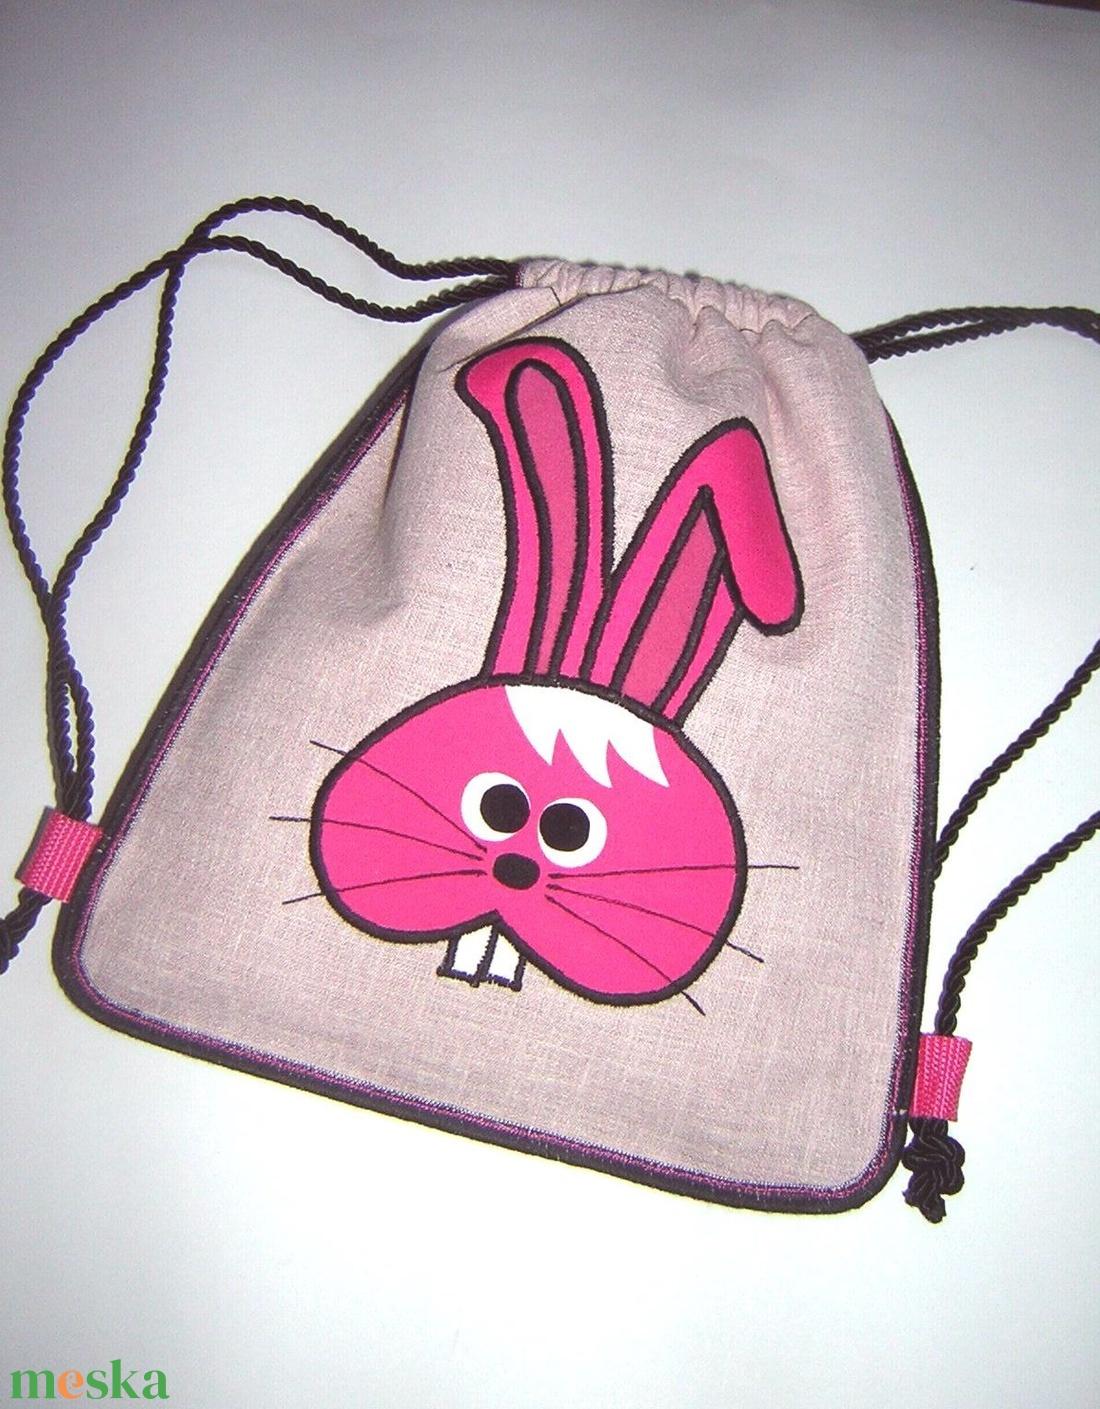 Nyuszis kislány háti táska Gyerek hátizsák gymbag ovis táska rózsaszín pink nyuszival - játék & gyerek - Meska.hu